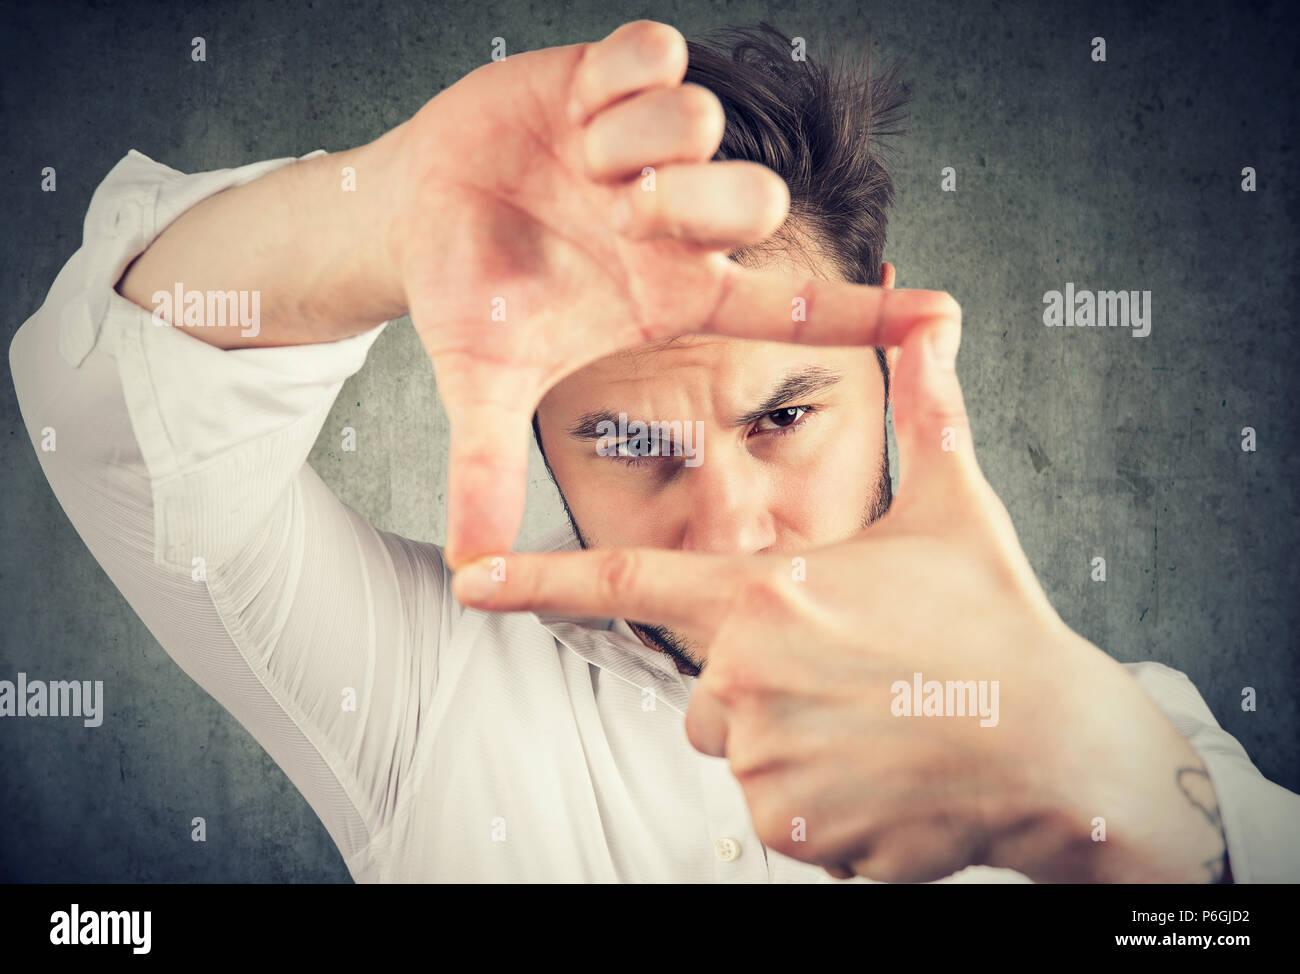 Junger Mann, einen Rahmen mit Fingern, Händen und Suchen durch Begrenzungen bei Camera auf grauem Hintergrund Stockbild